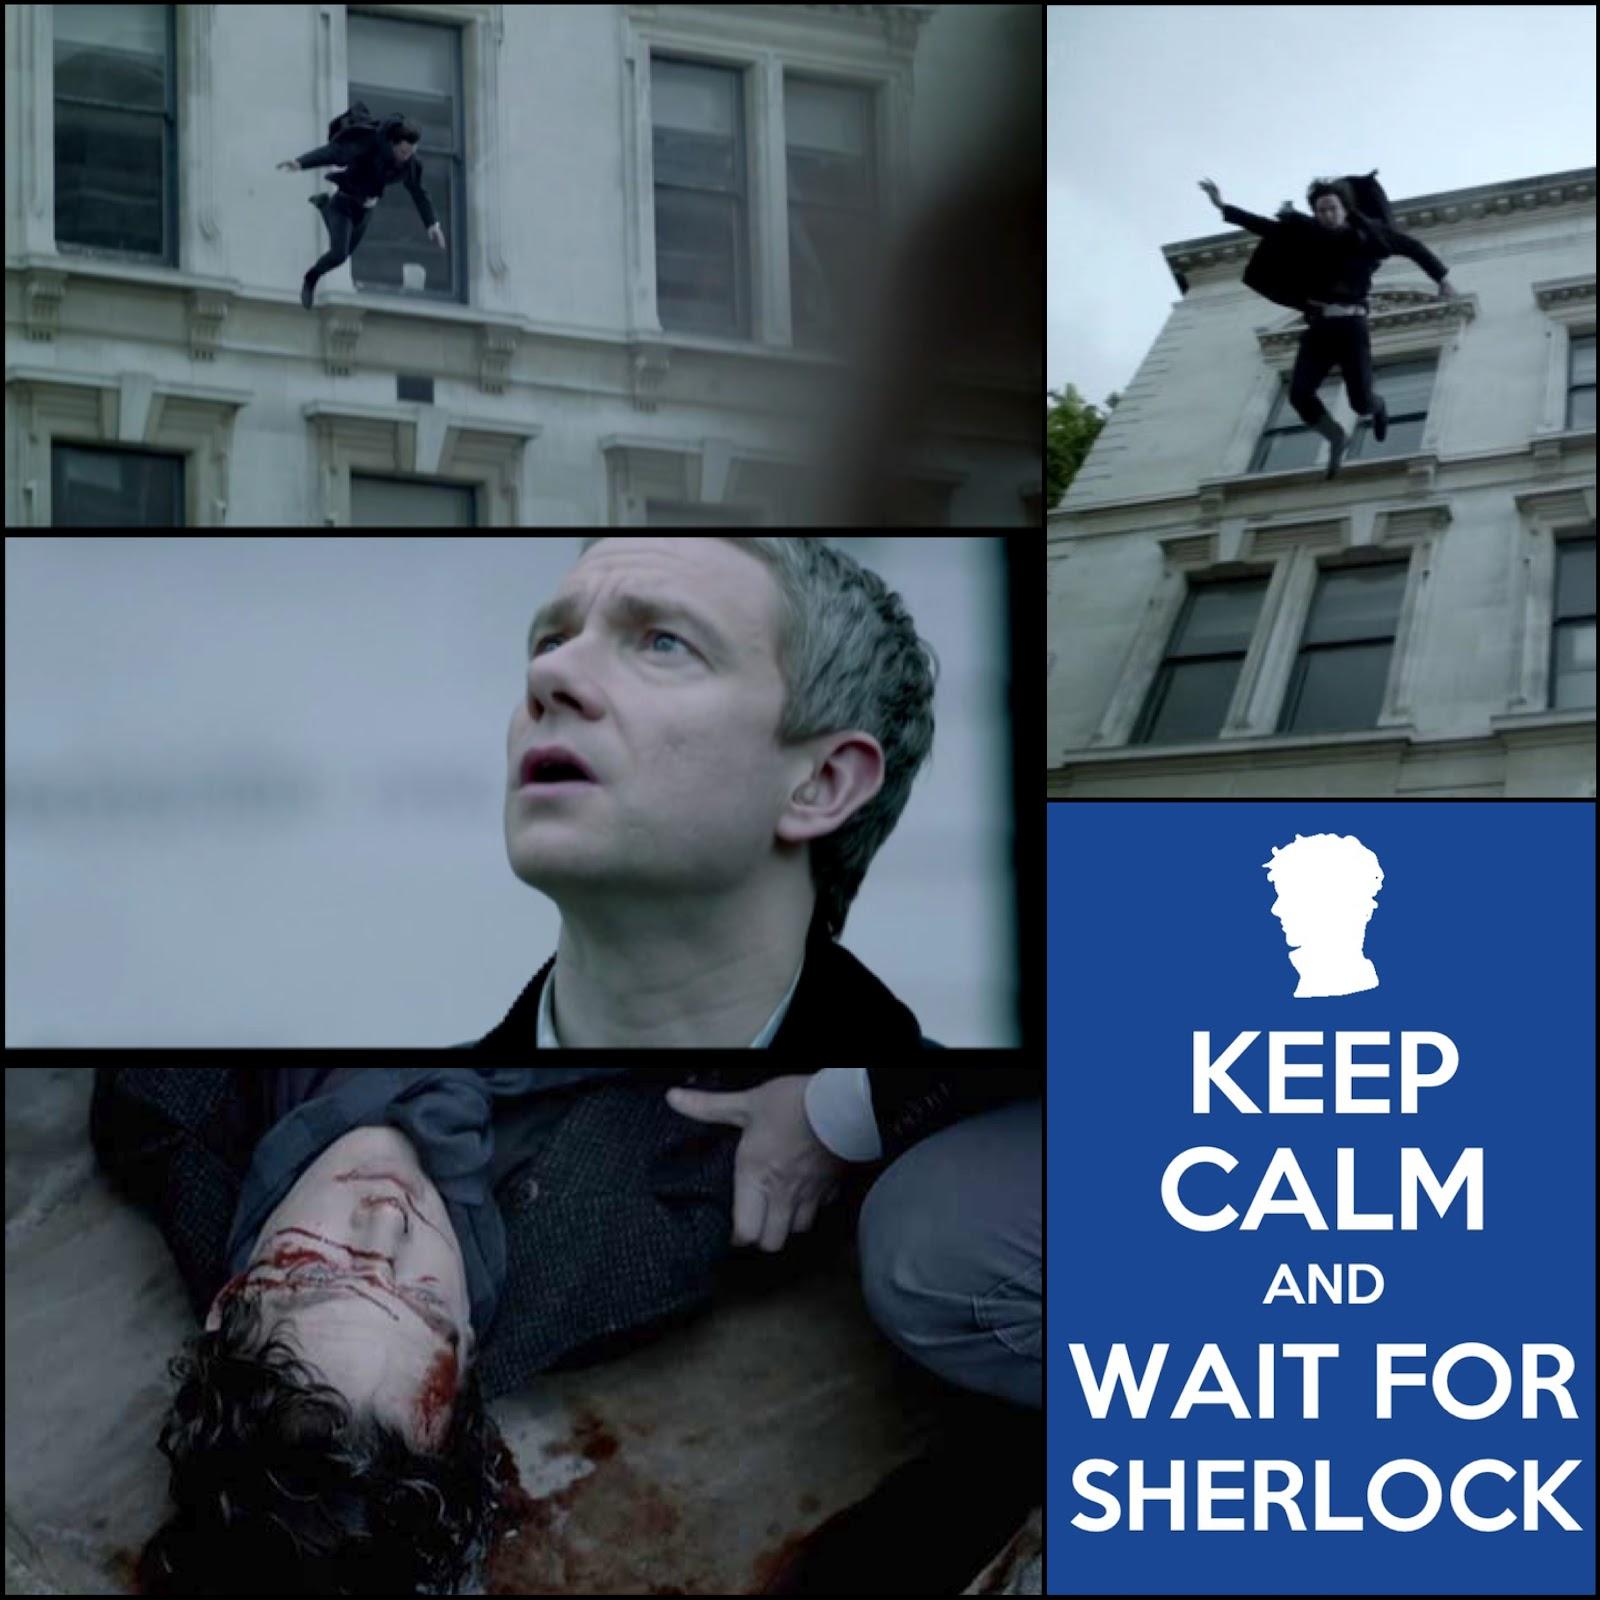 http://4.bp.blogspot.com/-eLRUsIS0-ko/T-kO4ZxFH0I/AAAAAAAAAE0/dhzMZOepb7I/s1600/Sherlock.jpg